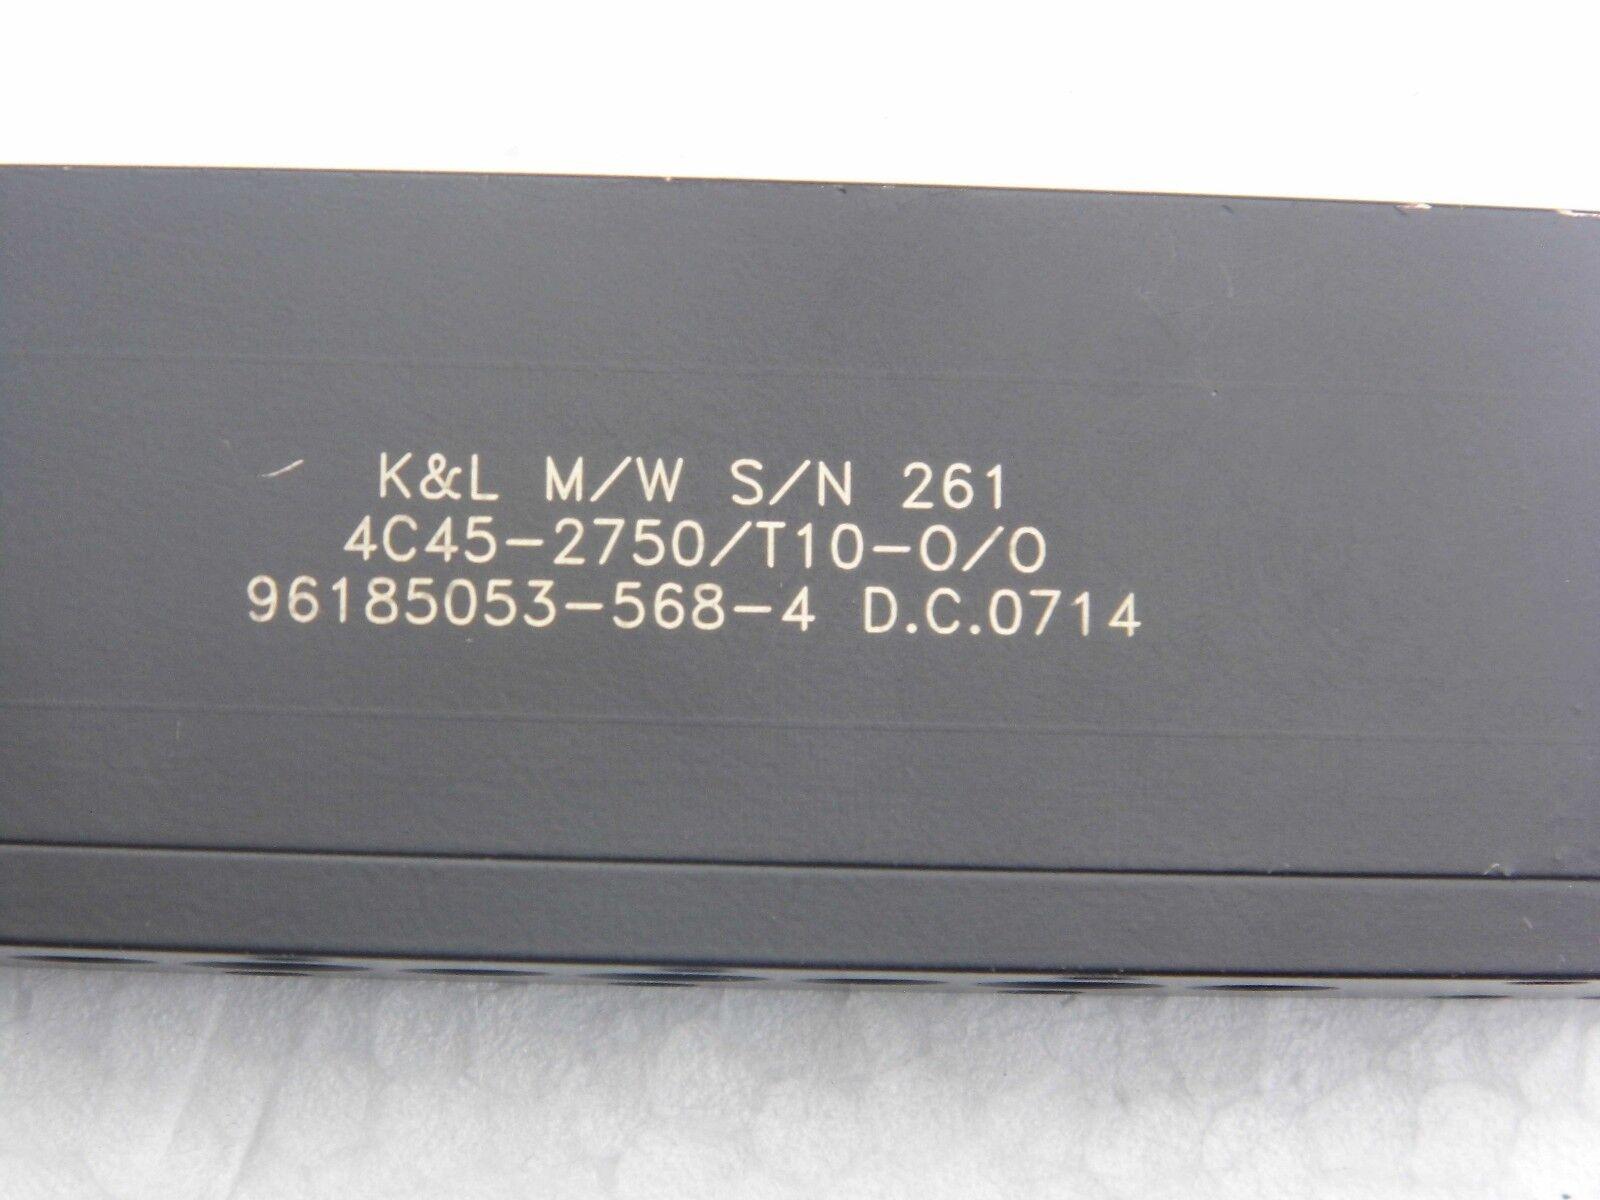 FILTER 2750MHZ K&L MICROWAVE REF.  4C45-2750 T10-O O 96185054-568-4